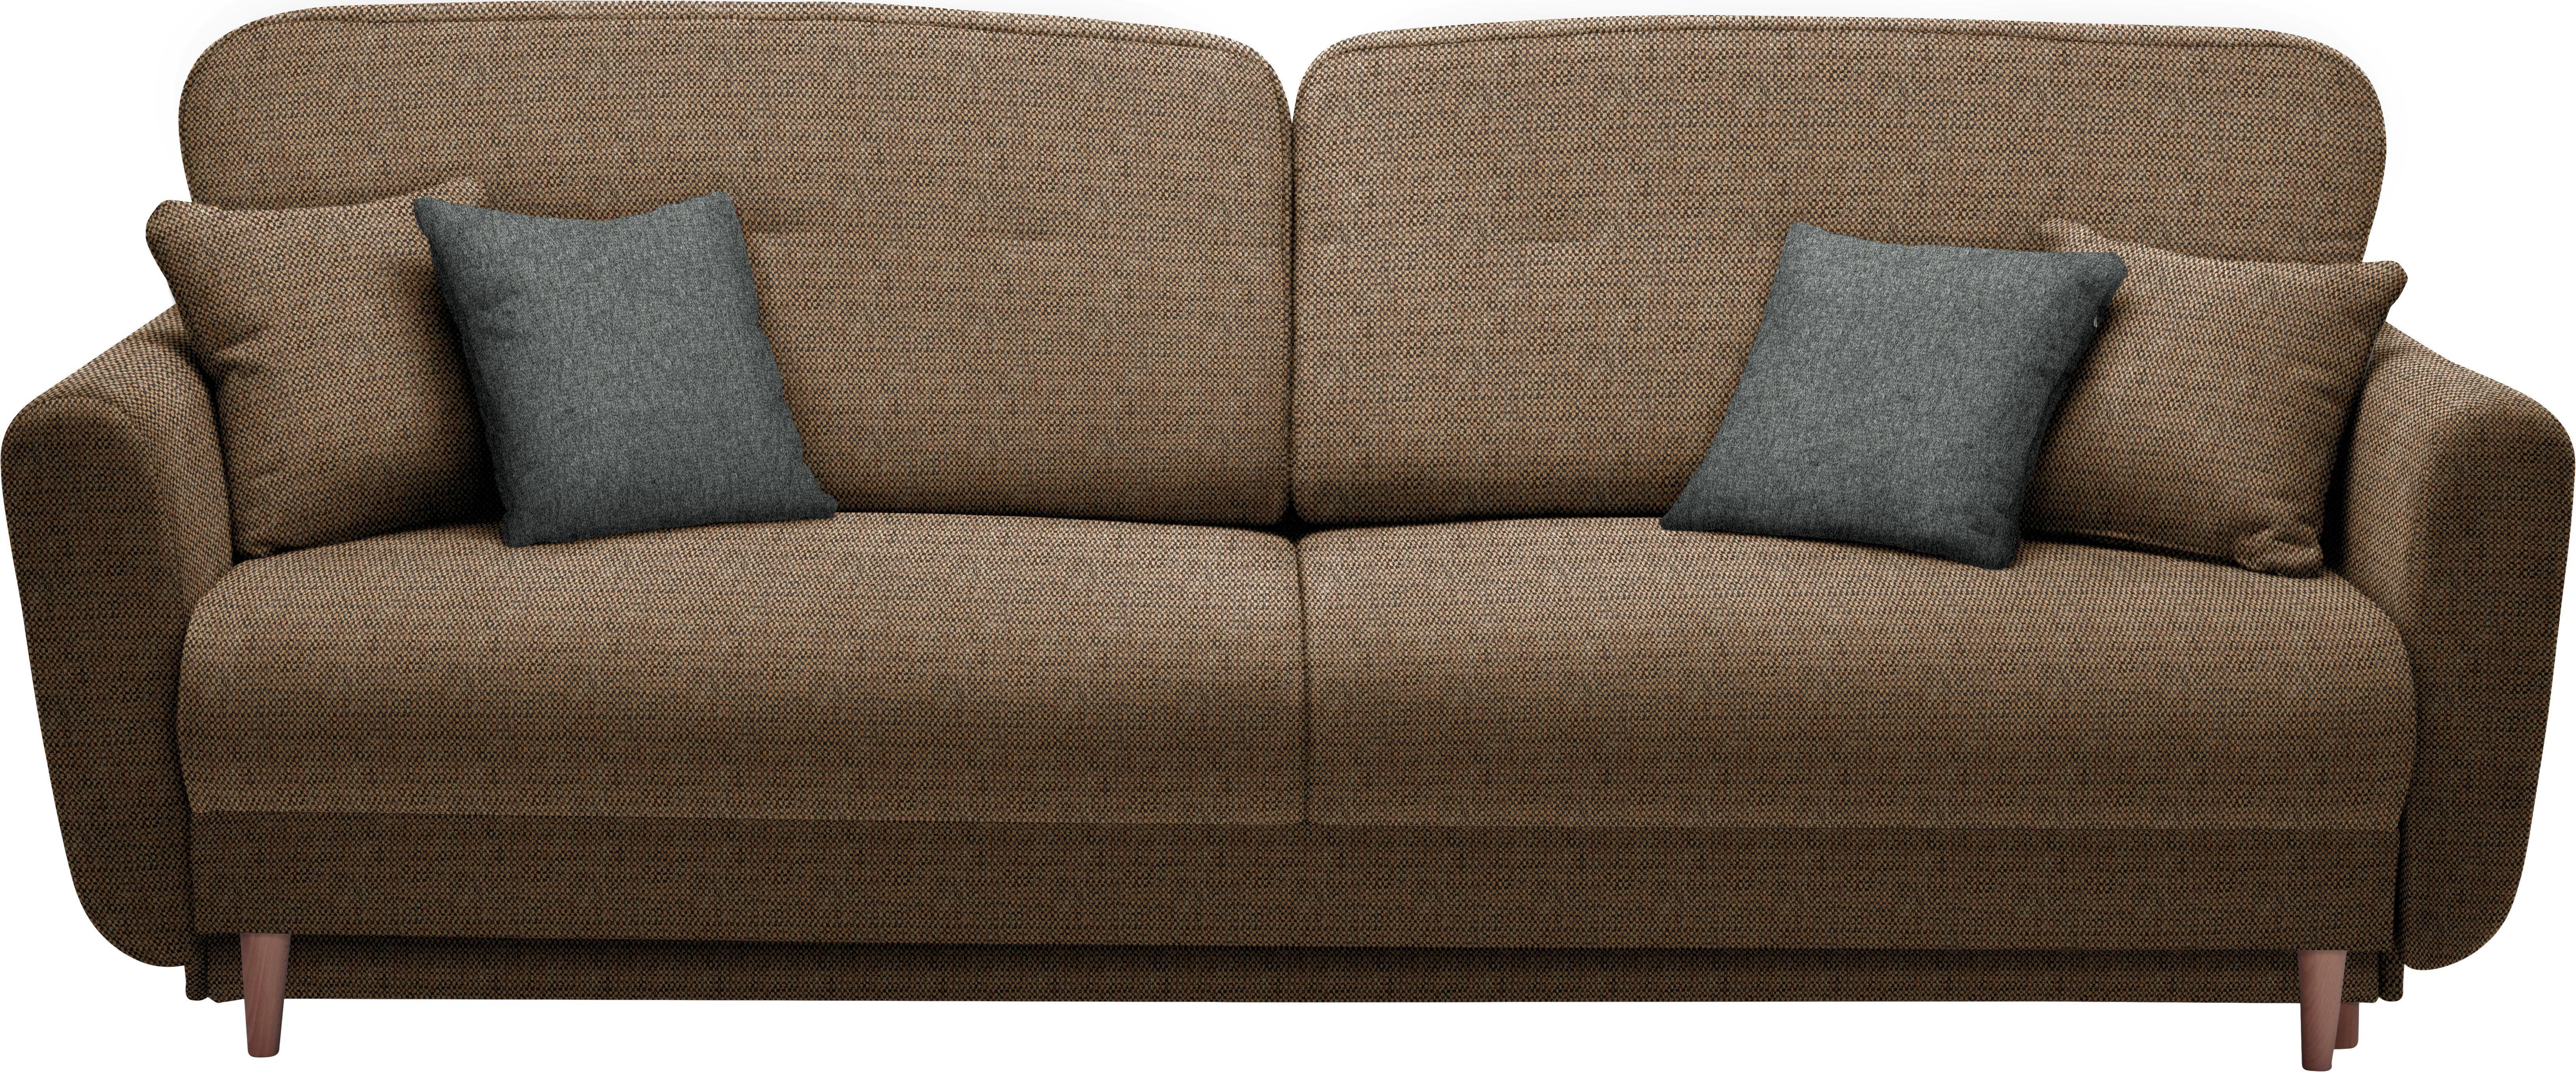 DREISITZER-SOFA Webstoff Braun, Orange - Anthrazit/Braun, Design, Holz/Textil (235/87/98cm) - HOM`IN